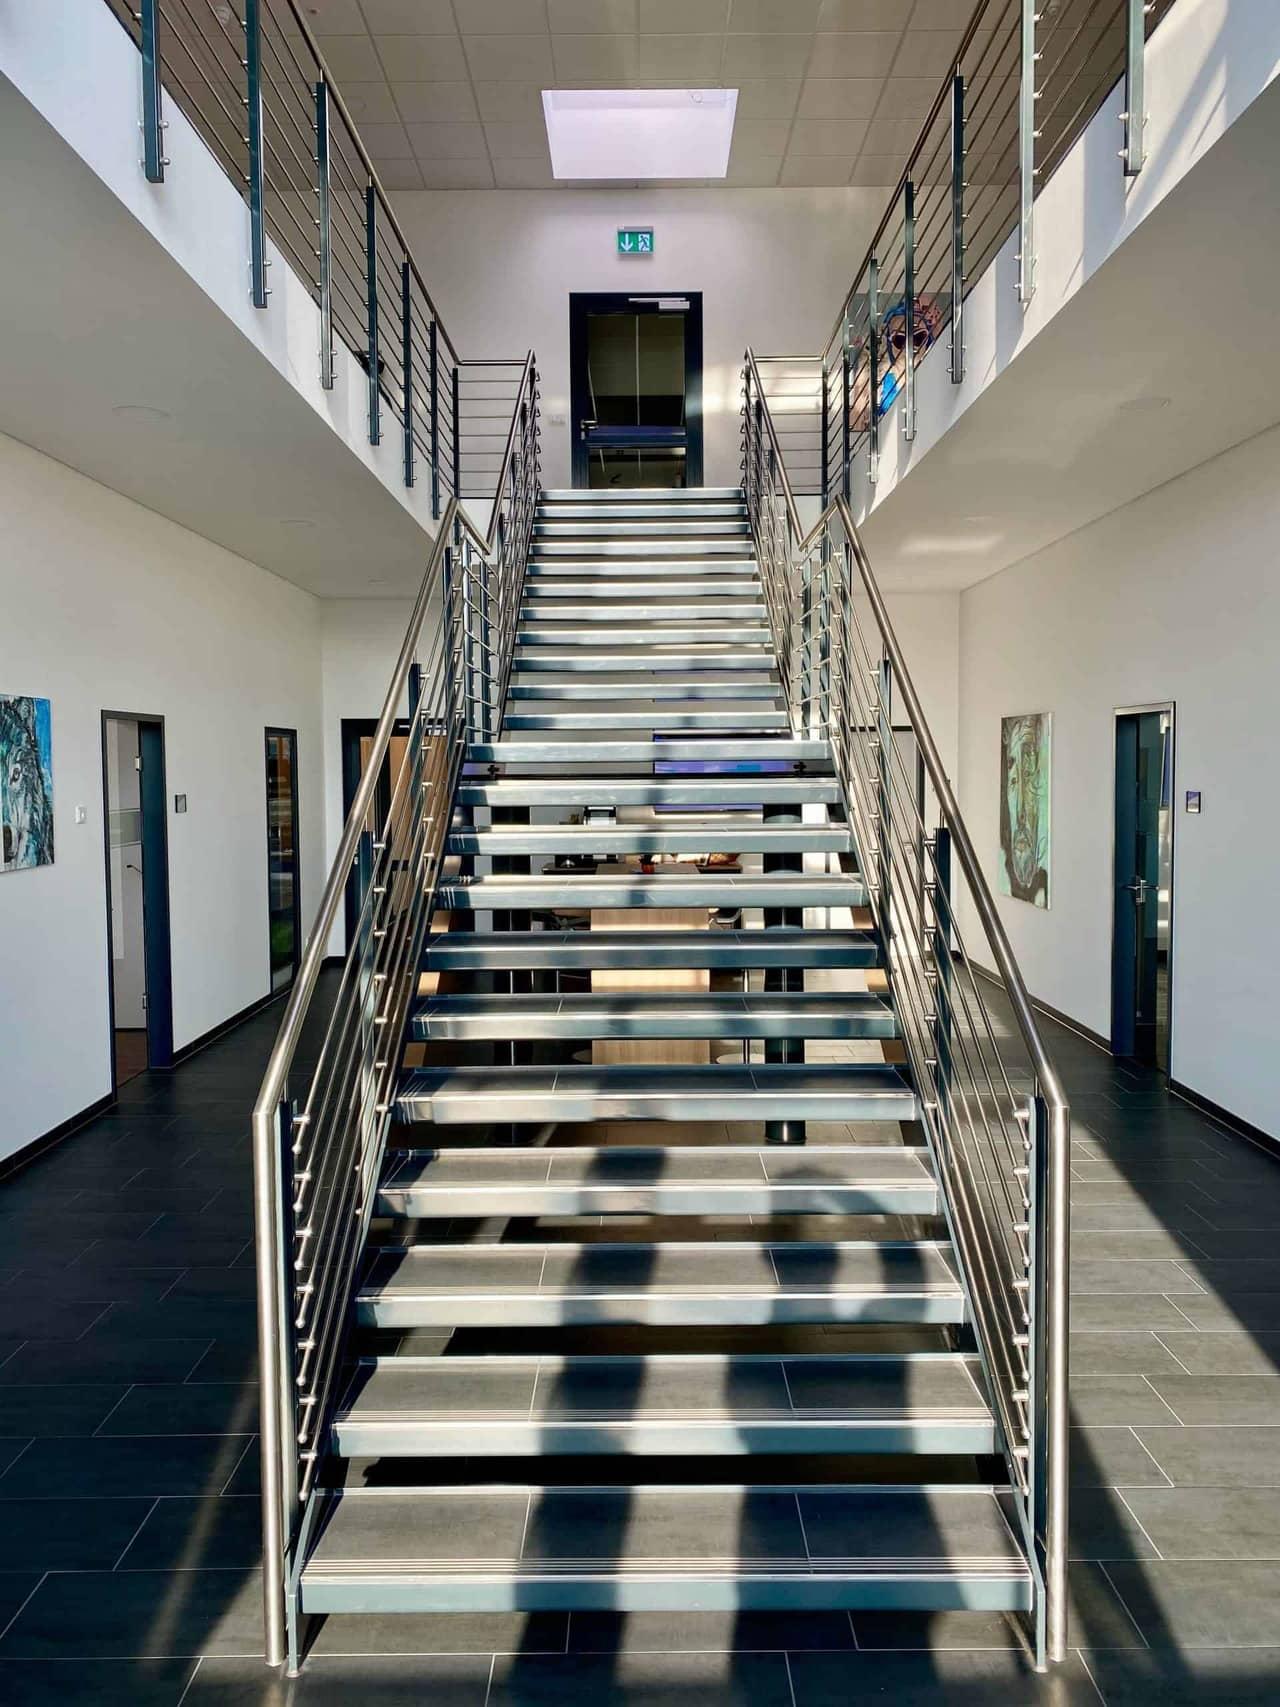 Thitronik_Eingangsbereich_Treppe